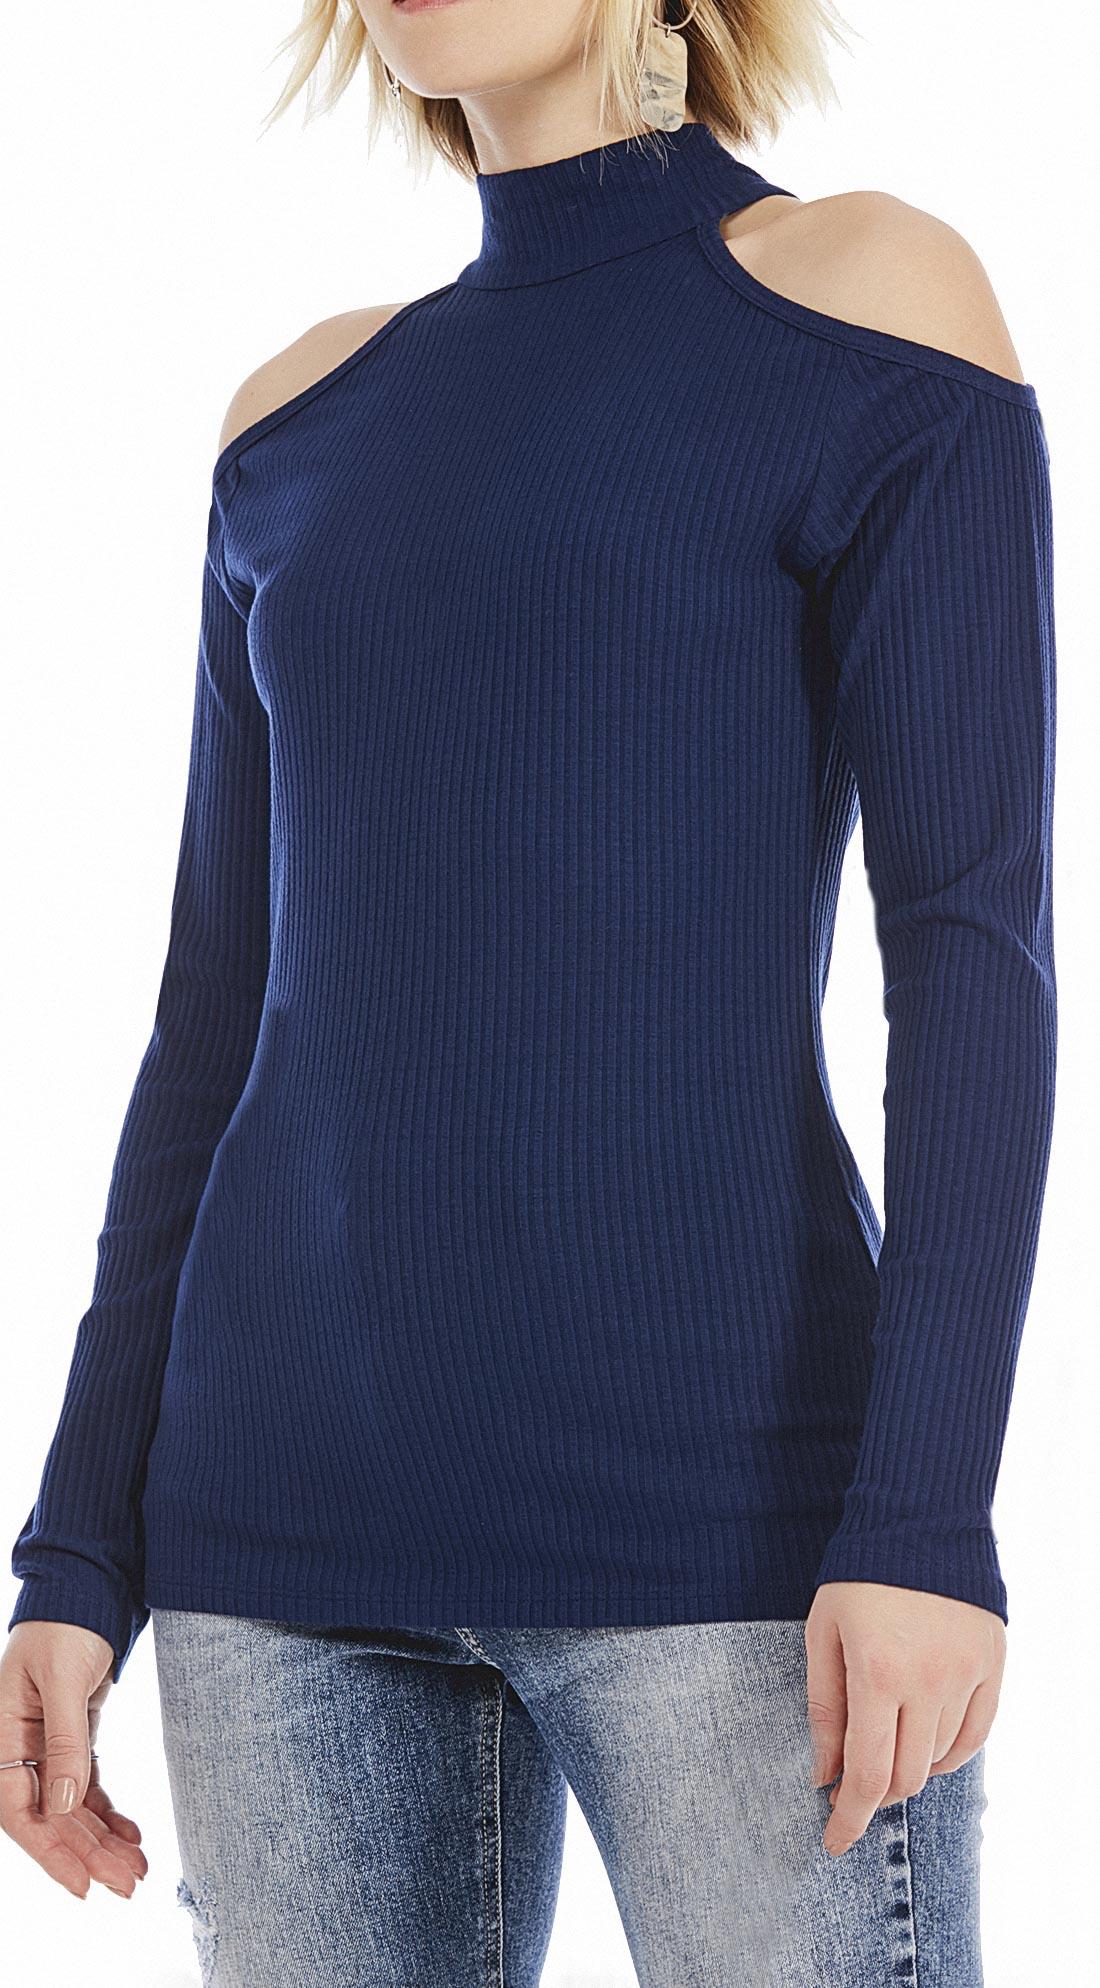 662da9a7c7 Blusa Gola Alta Manga Longa Abertura Ombro Azul - Maria Valentina